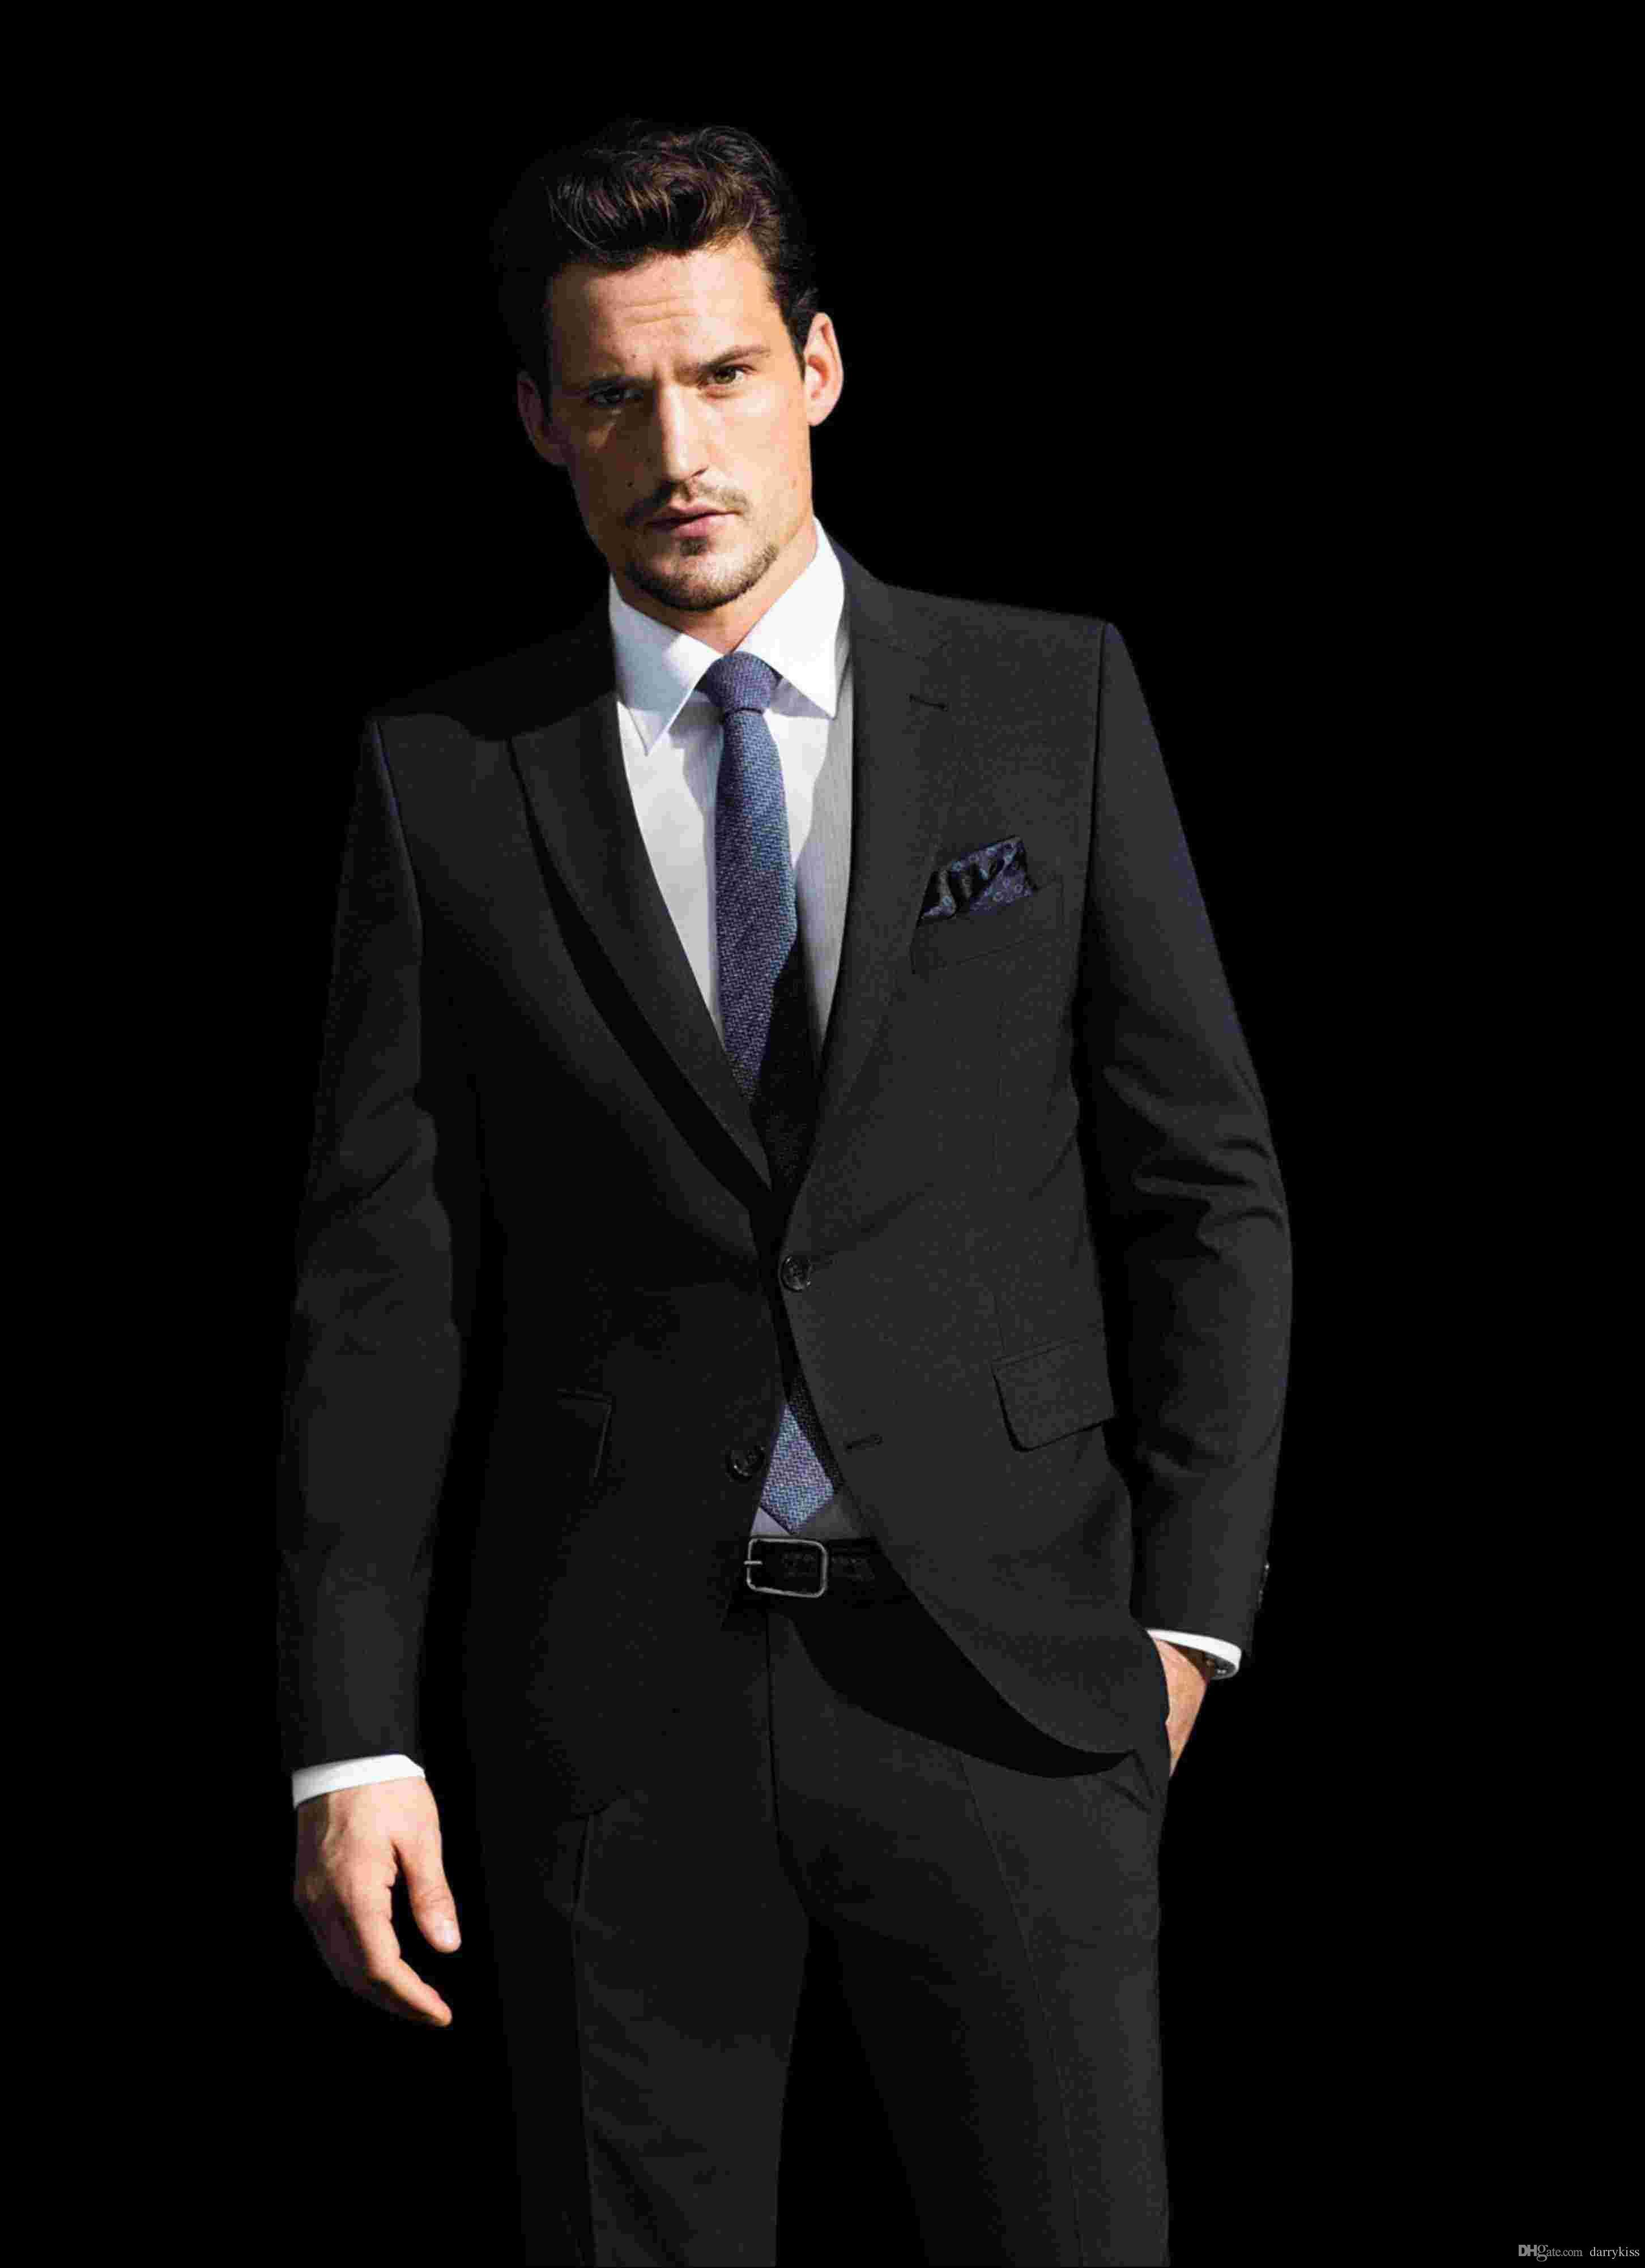 New Arrival Design Black Wedding Suits Men Suits Slim Fit Notched